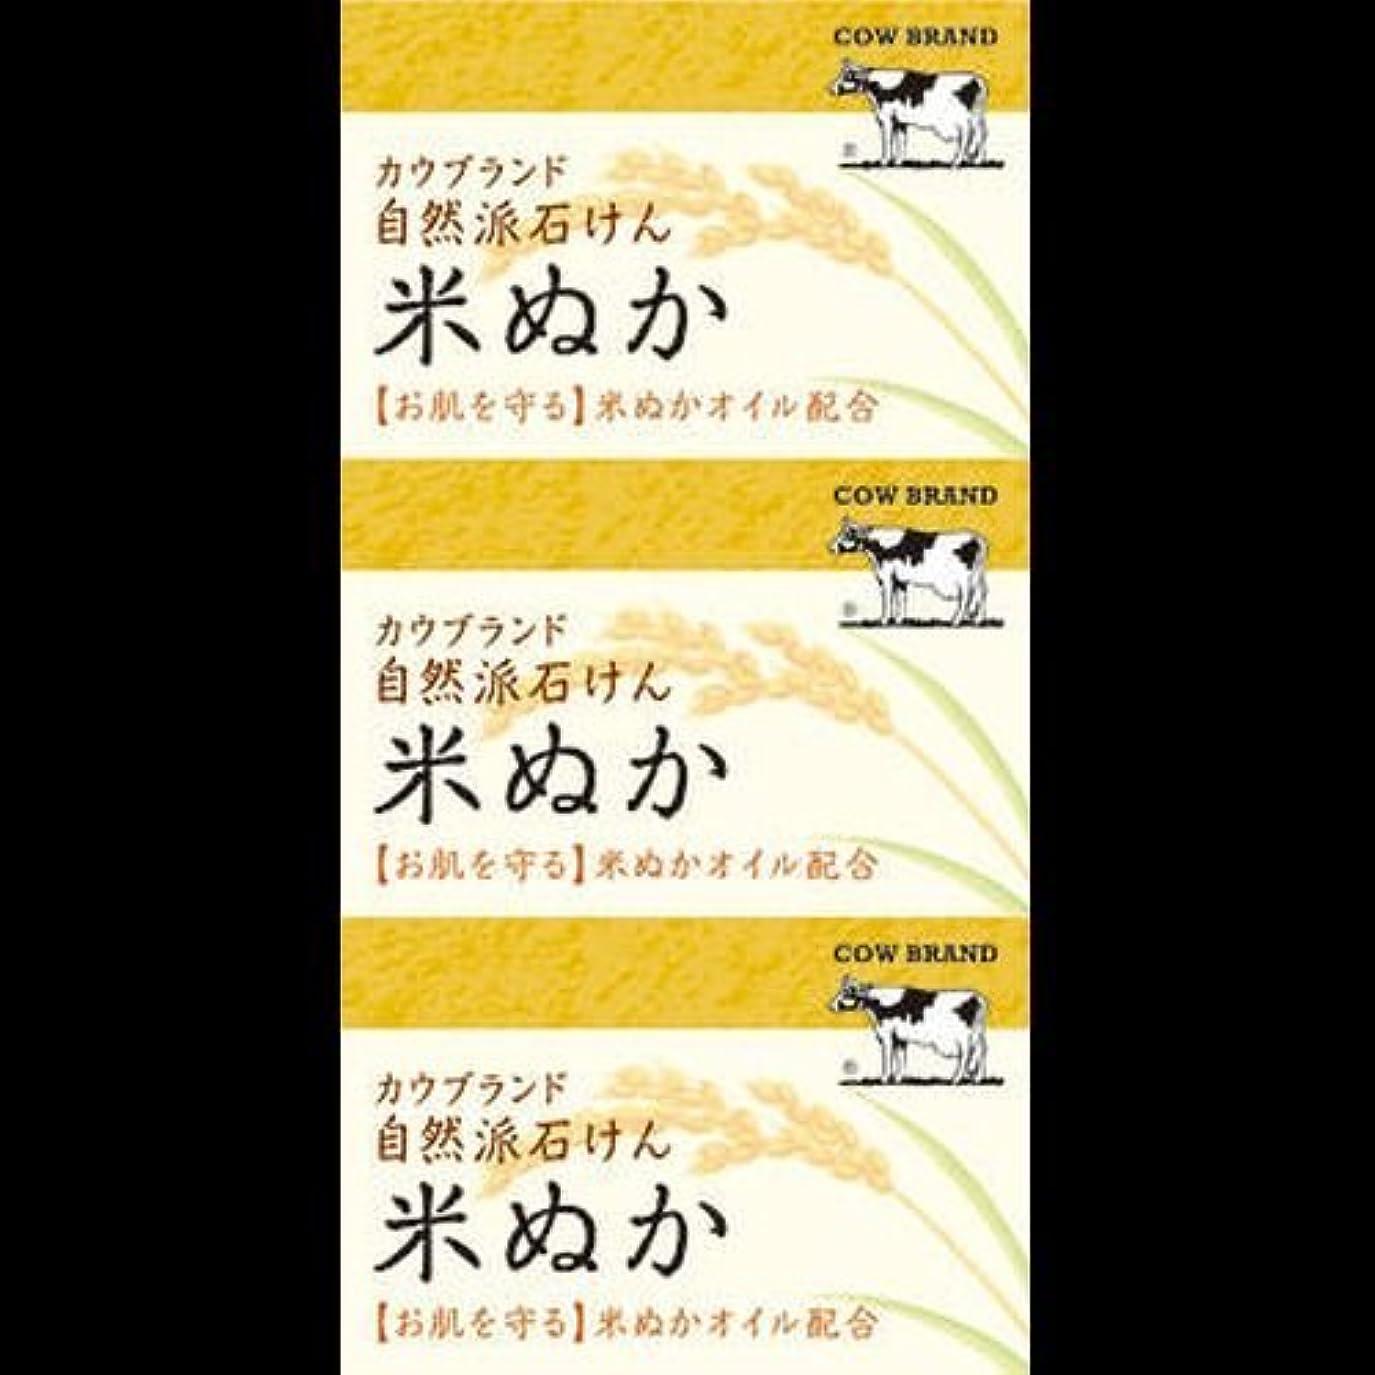 触手担当者ハードウェア【まとめ買い】カウブランド 自然派石けん 米ぬか 100g*3個 ×2セット